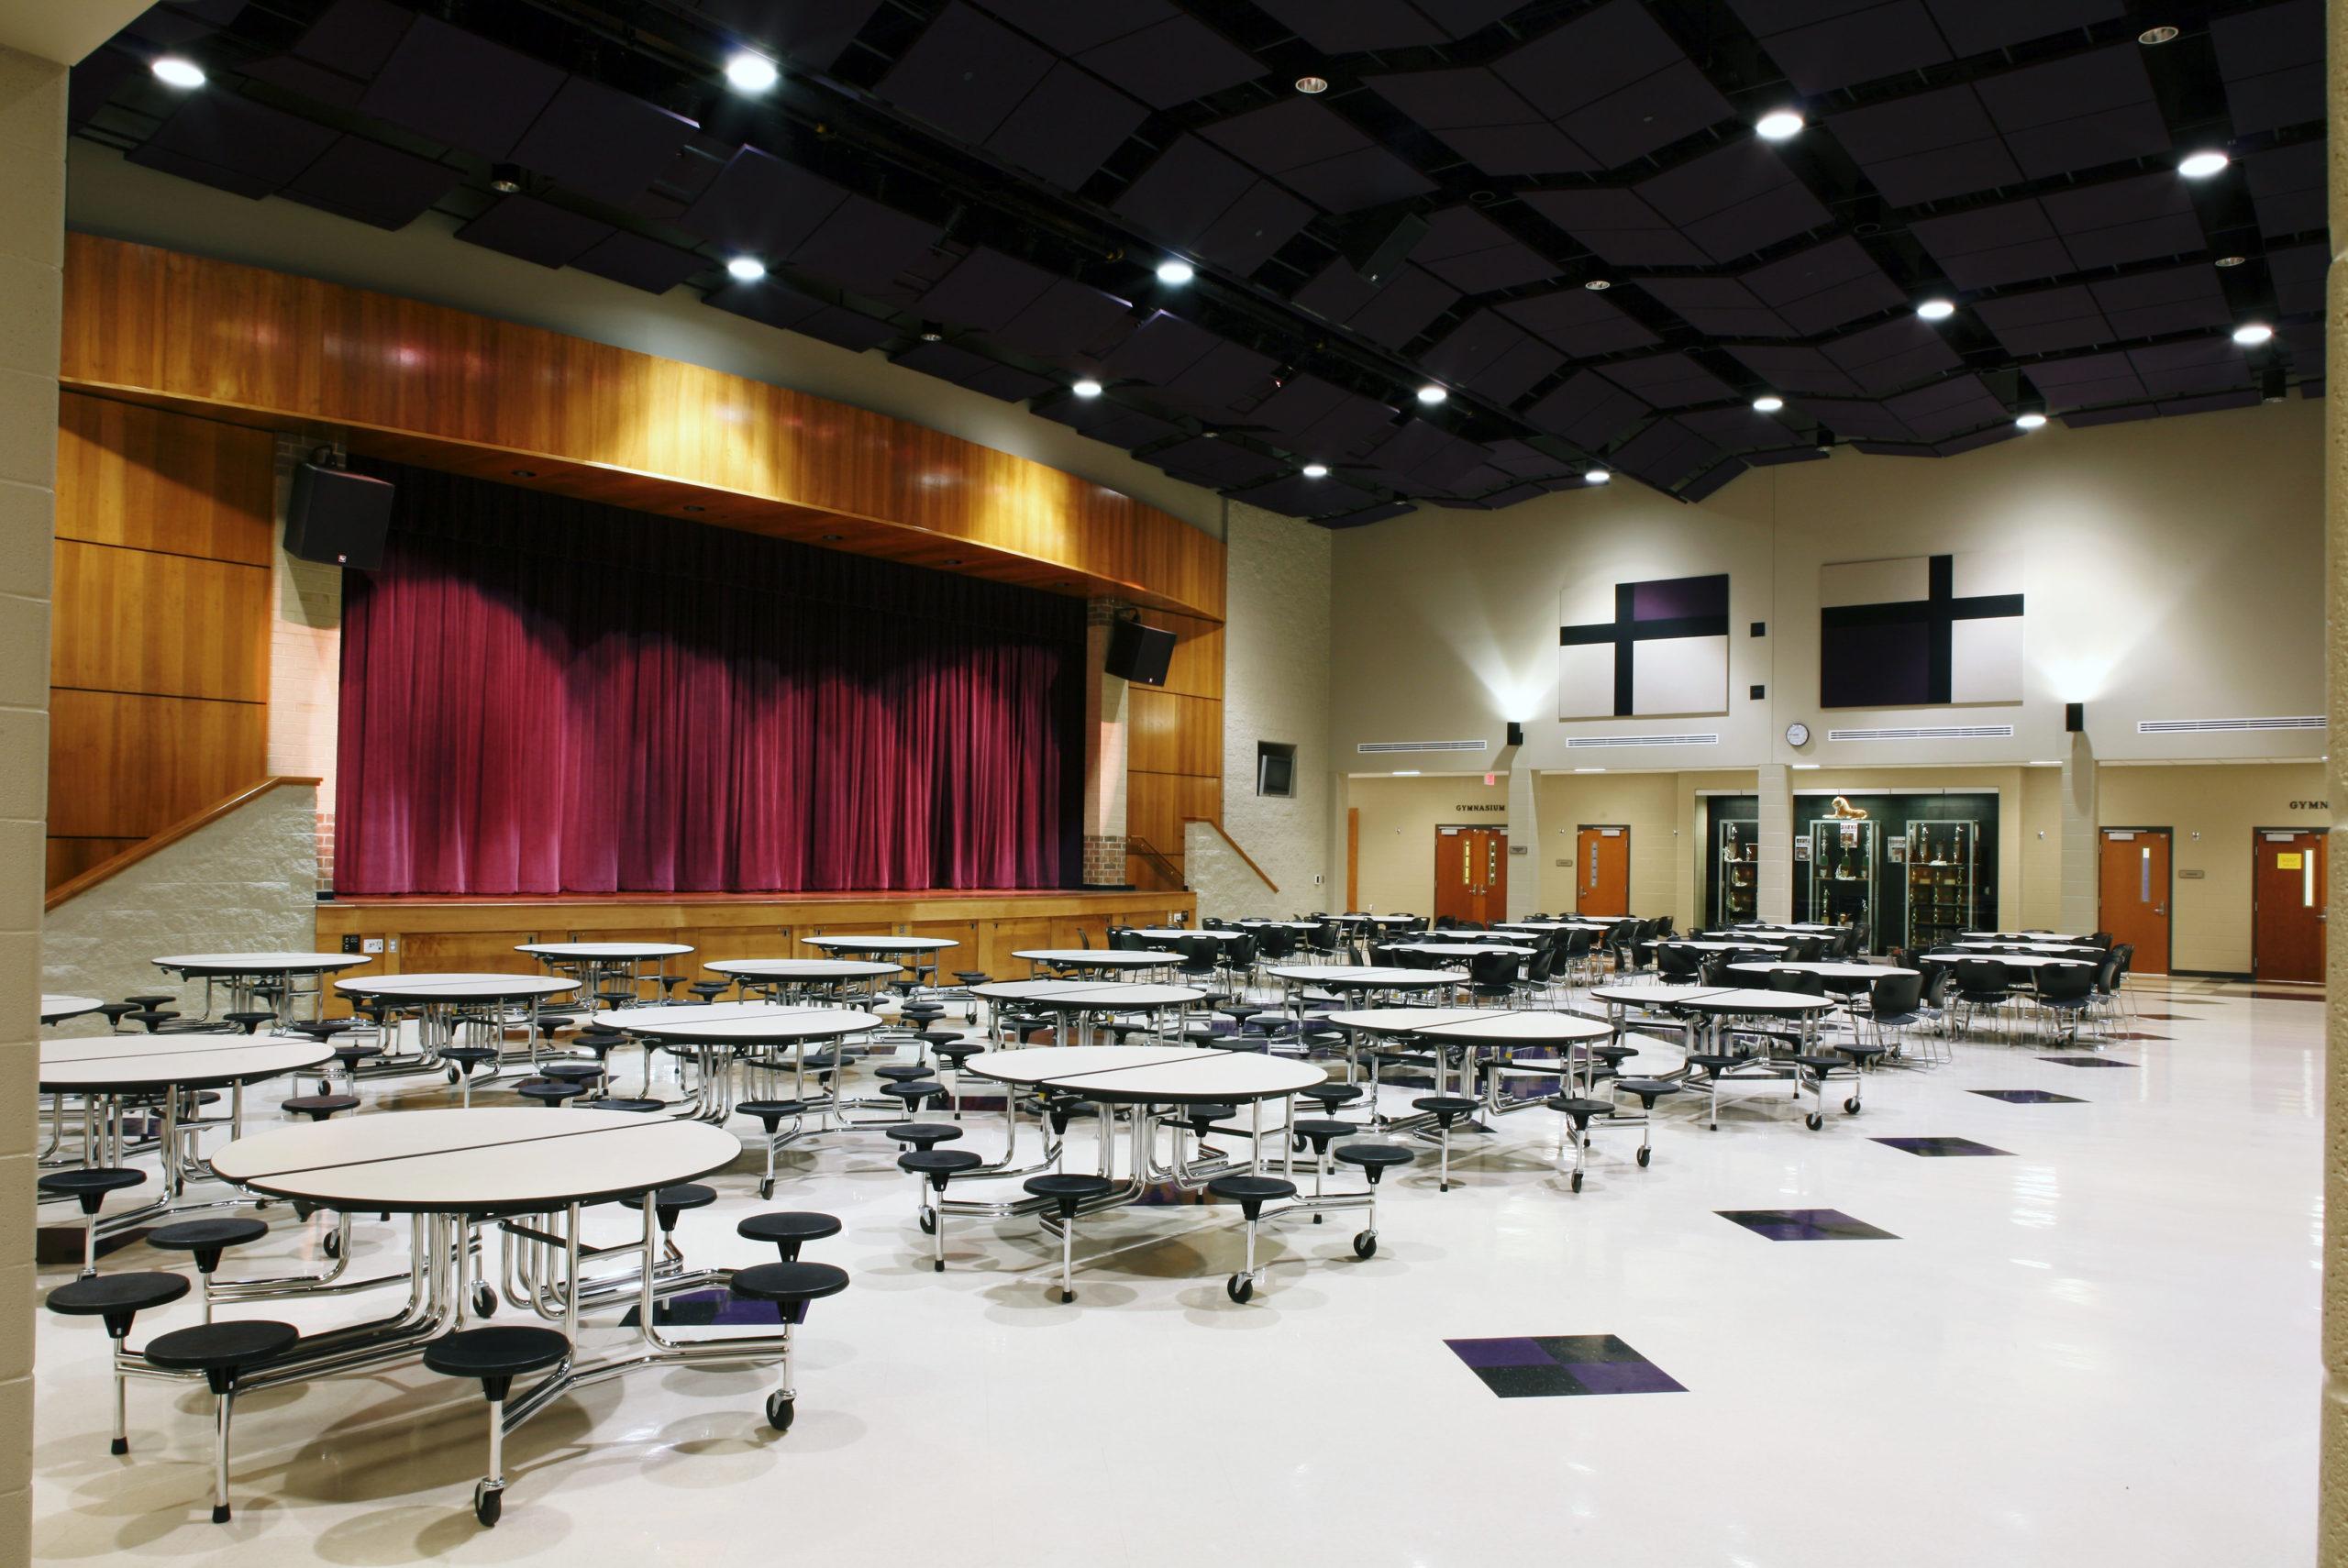 Holgate K-12 School – Holgate, Ohio